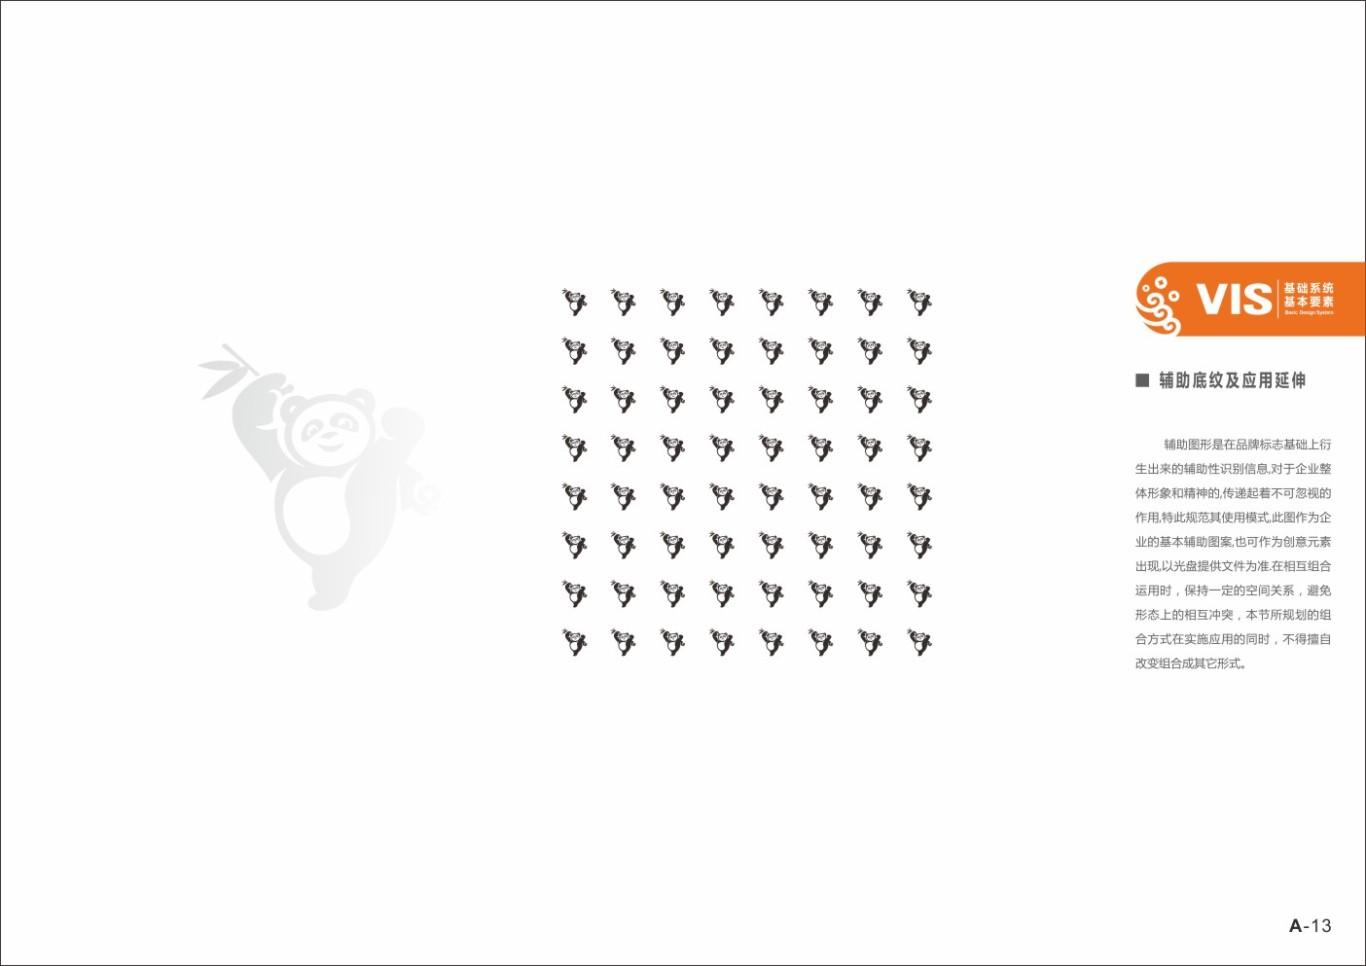 四川广融钱多多品牌及VI形象设计图14